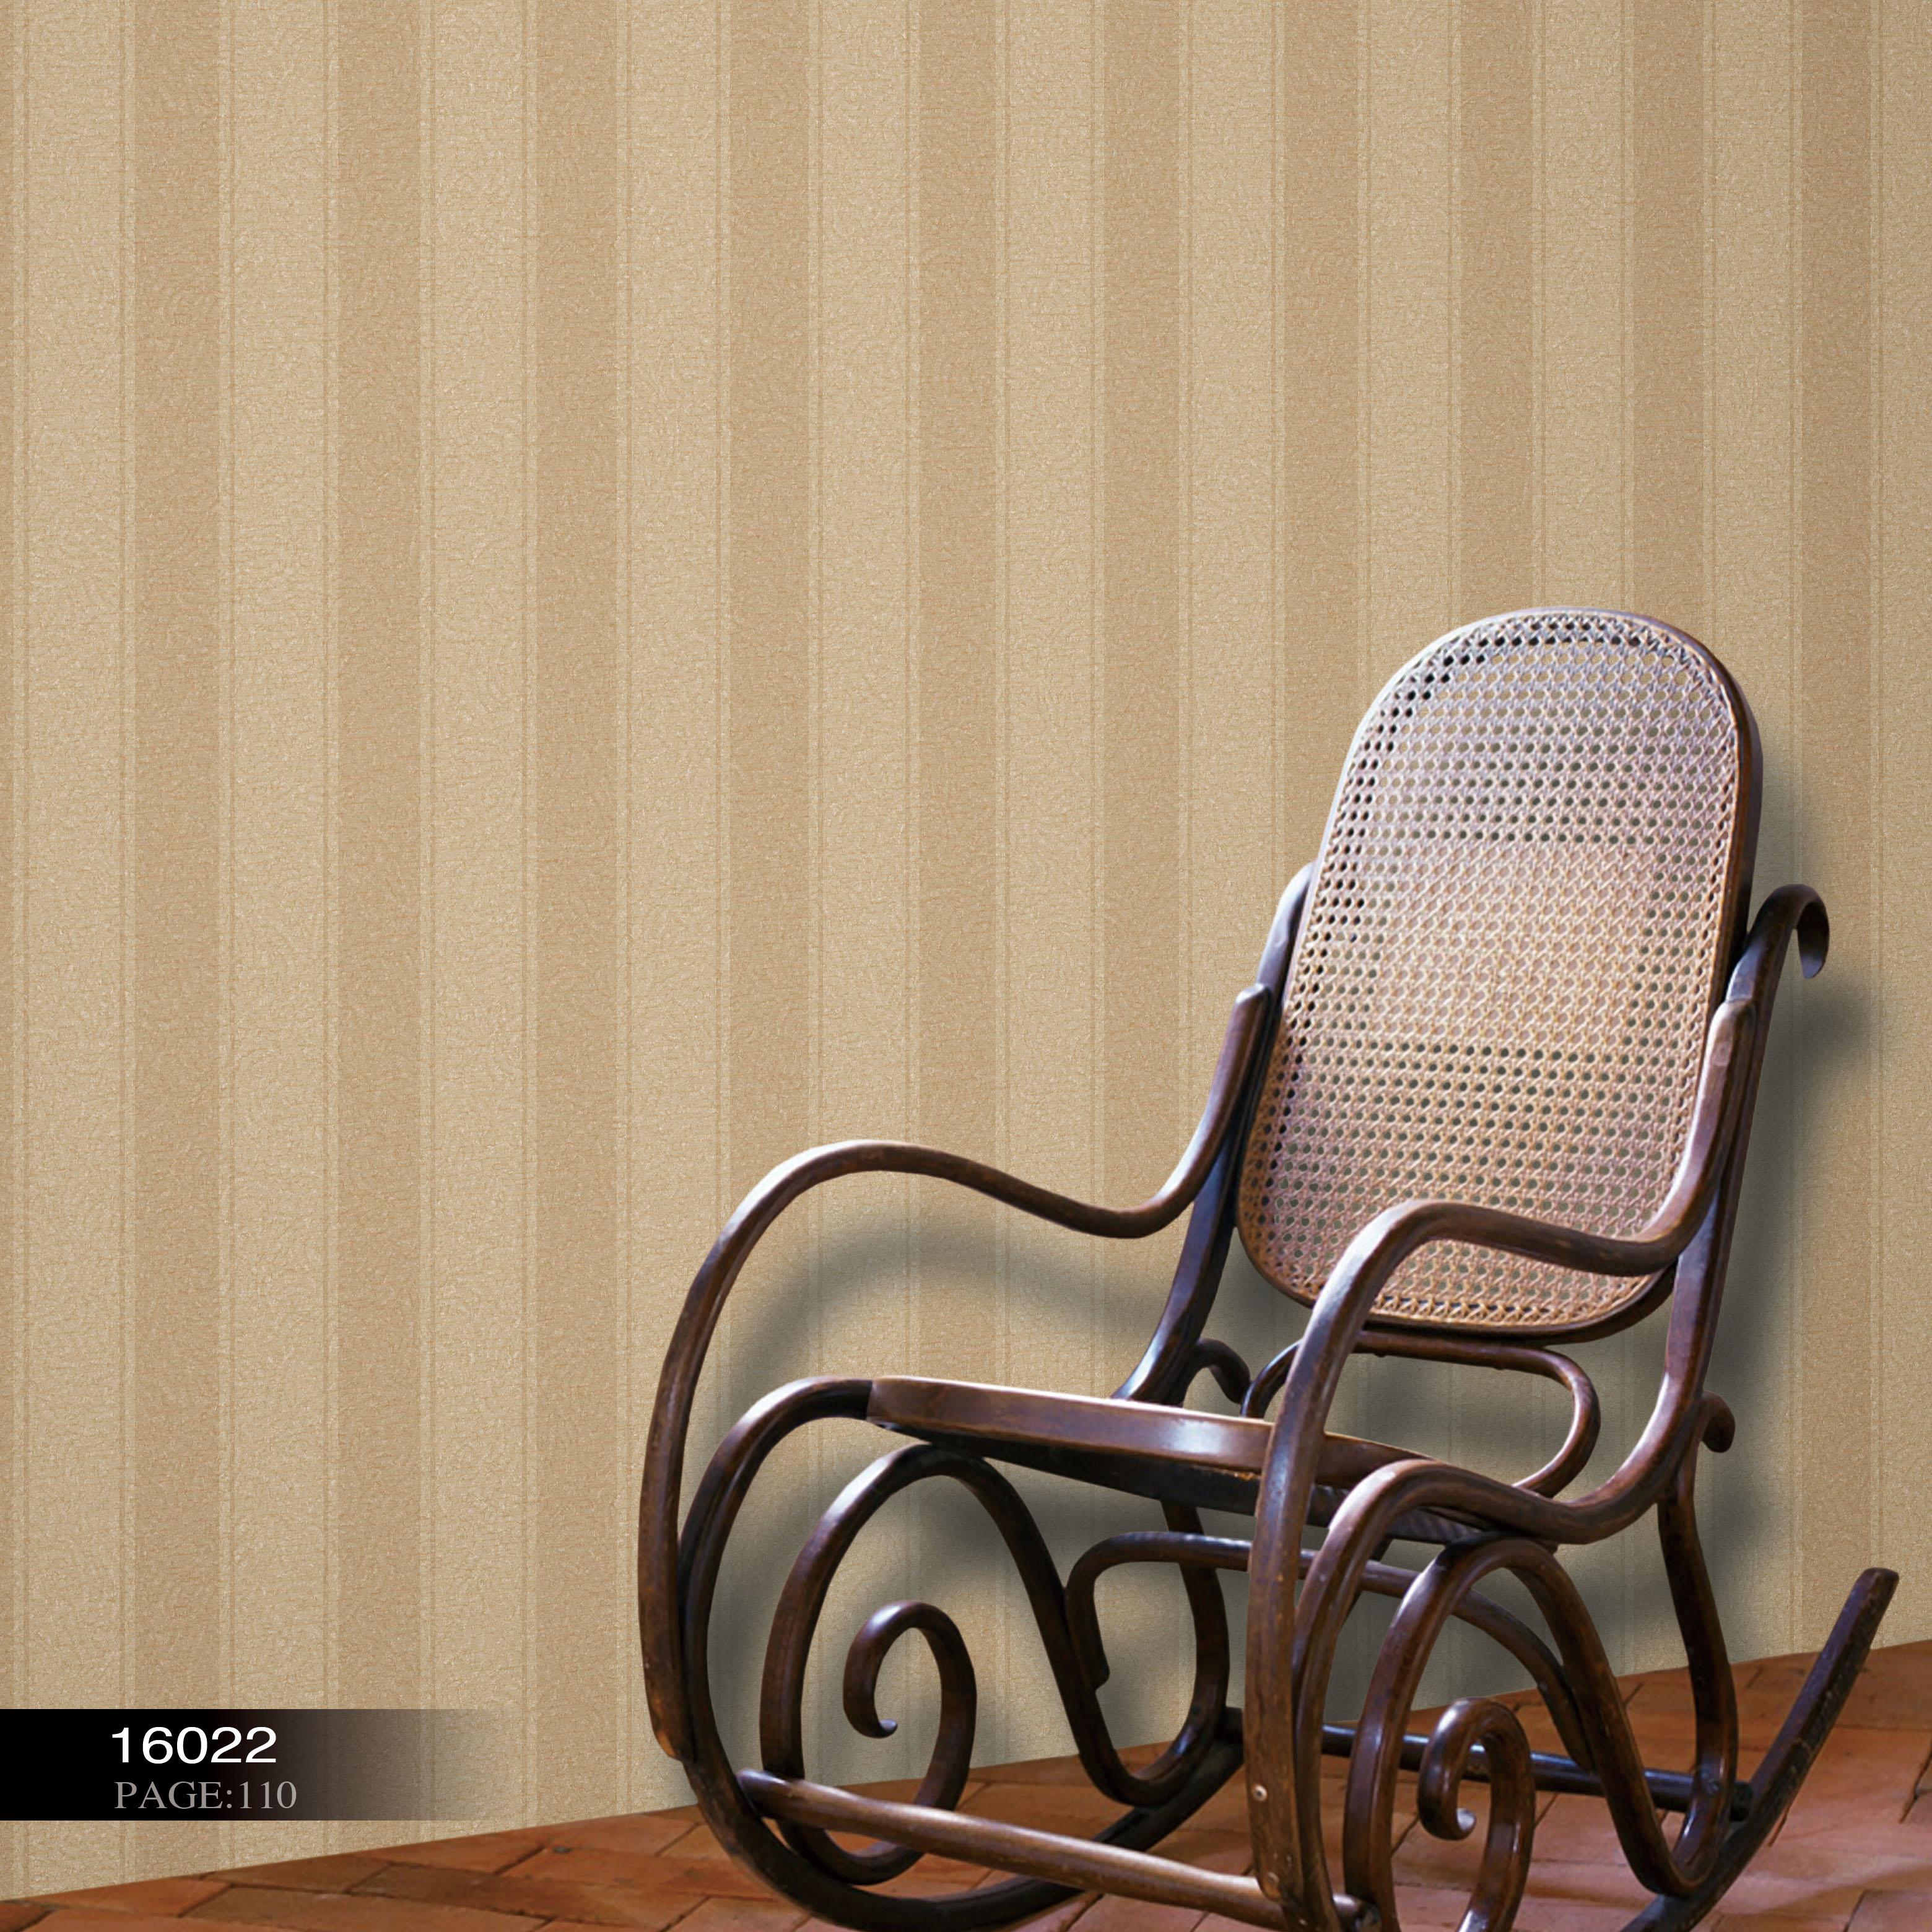 BRAVO ROOM 16022